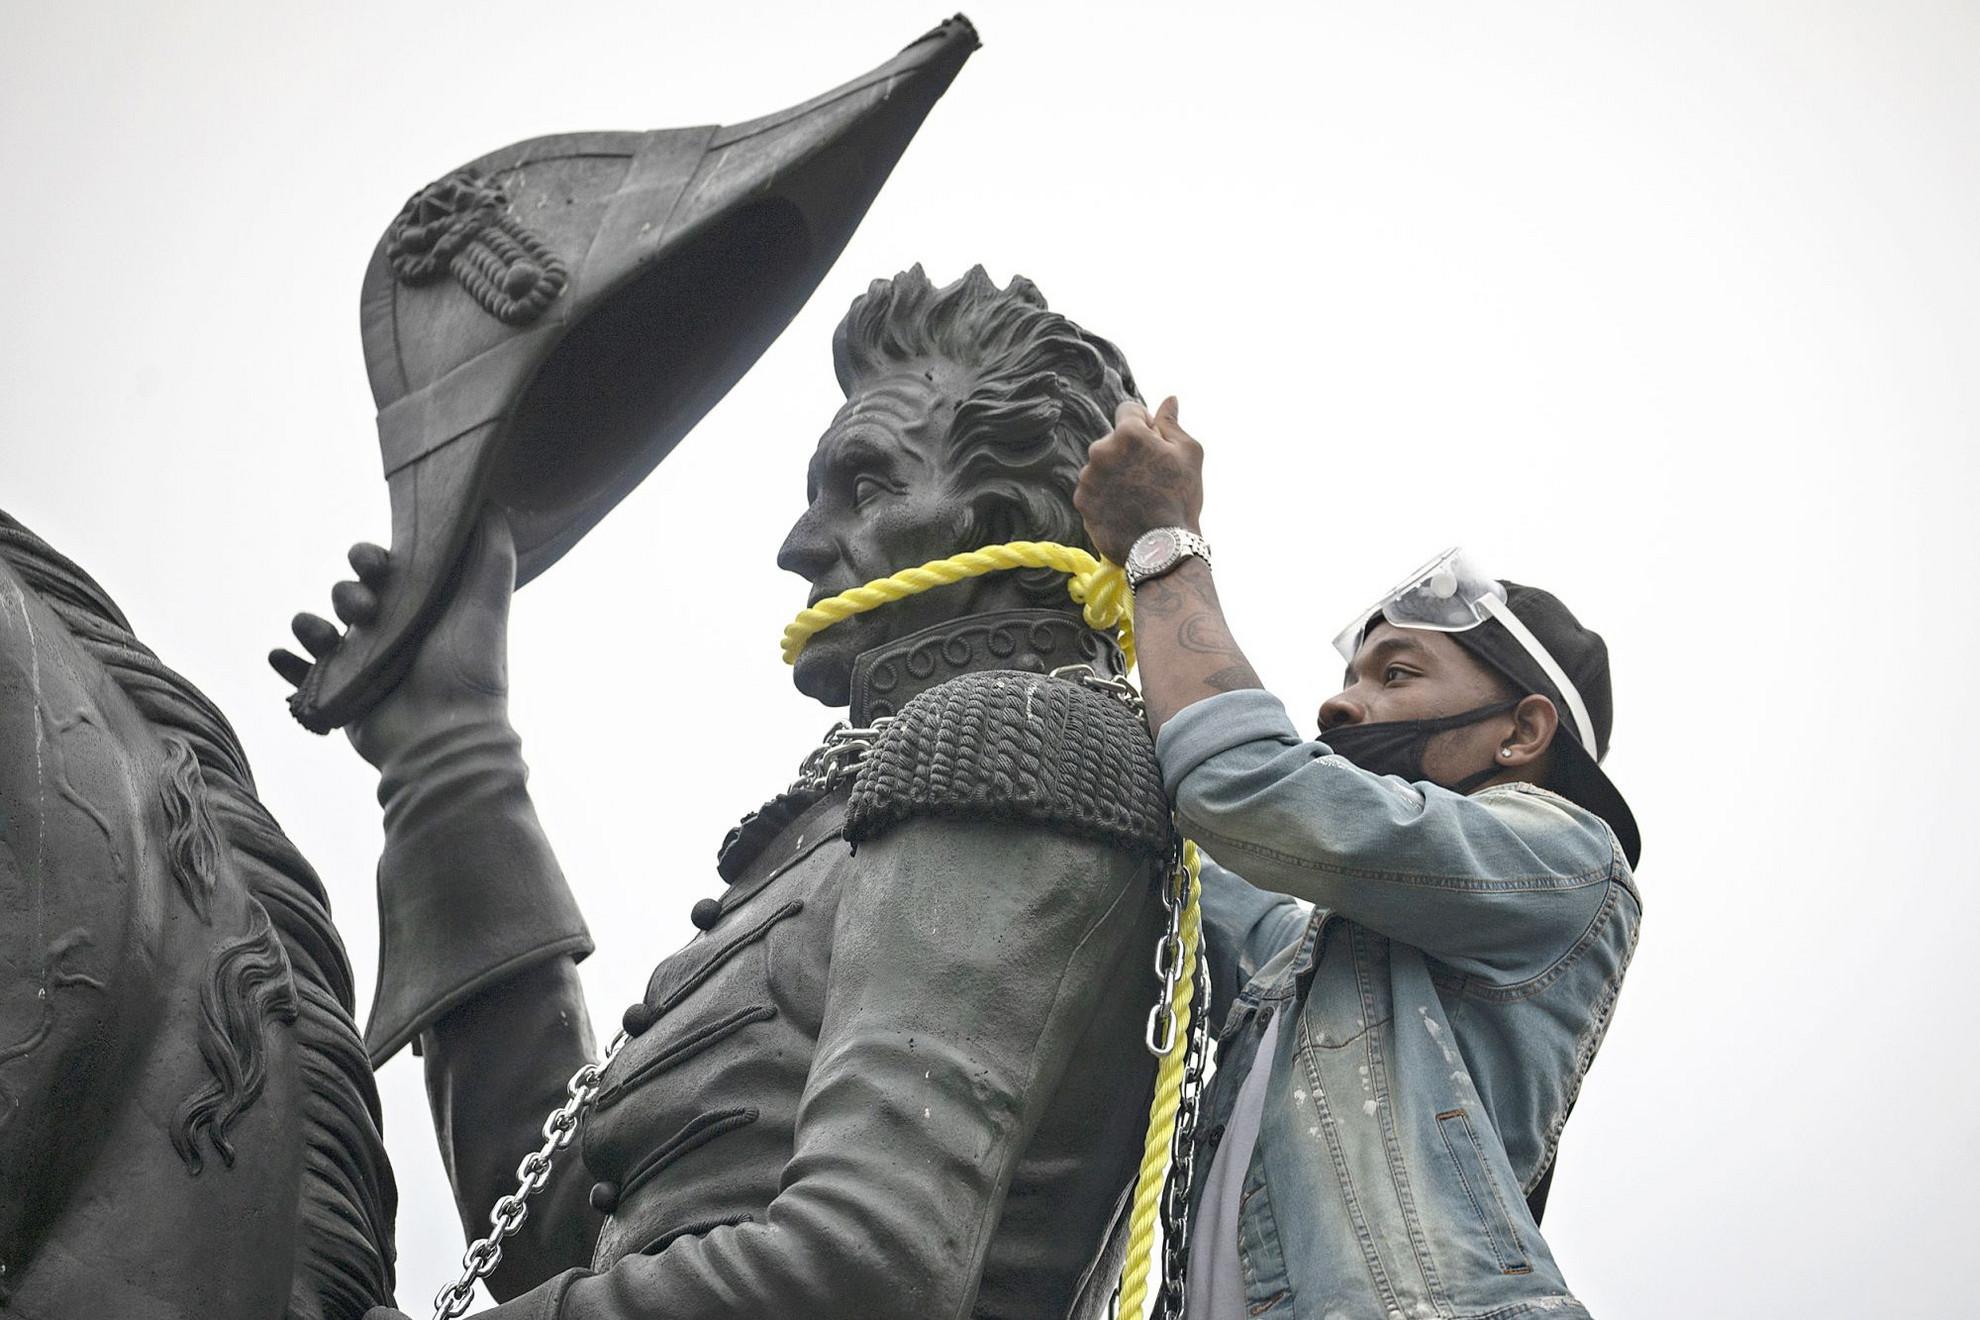 Ezúttal Andrew Jackson volt elnök nyakára került kötél Washingtonban, de a rendőrség megakadályozta a szoborlincselést, és feloszlatta a tömeget